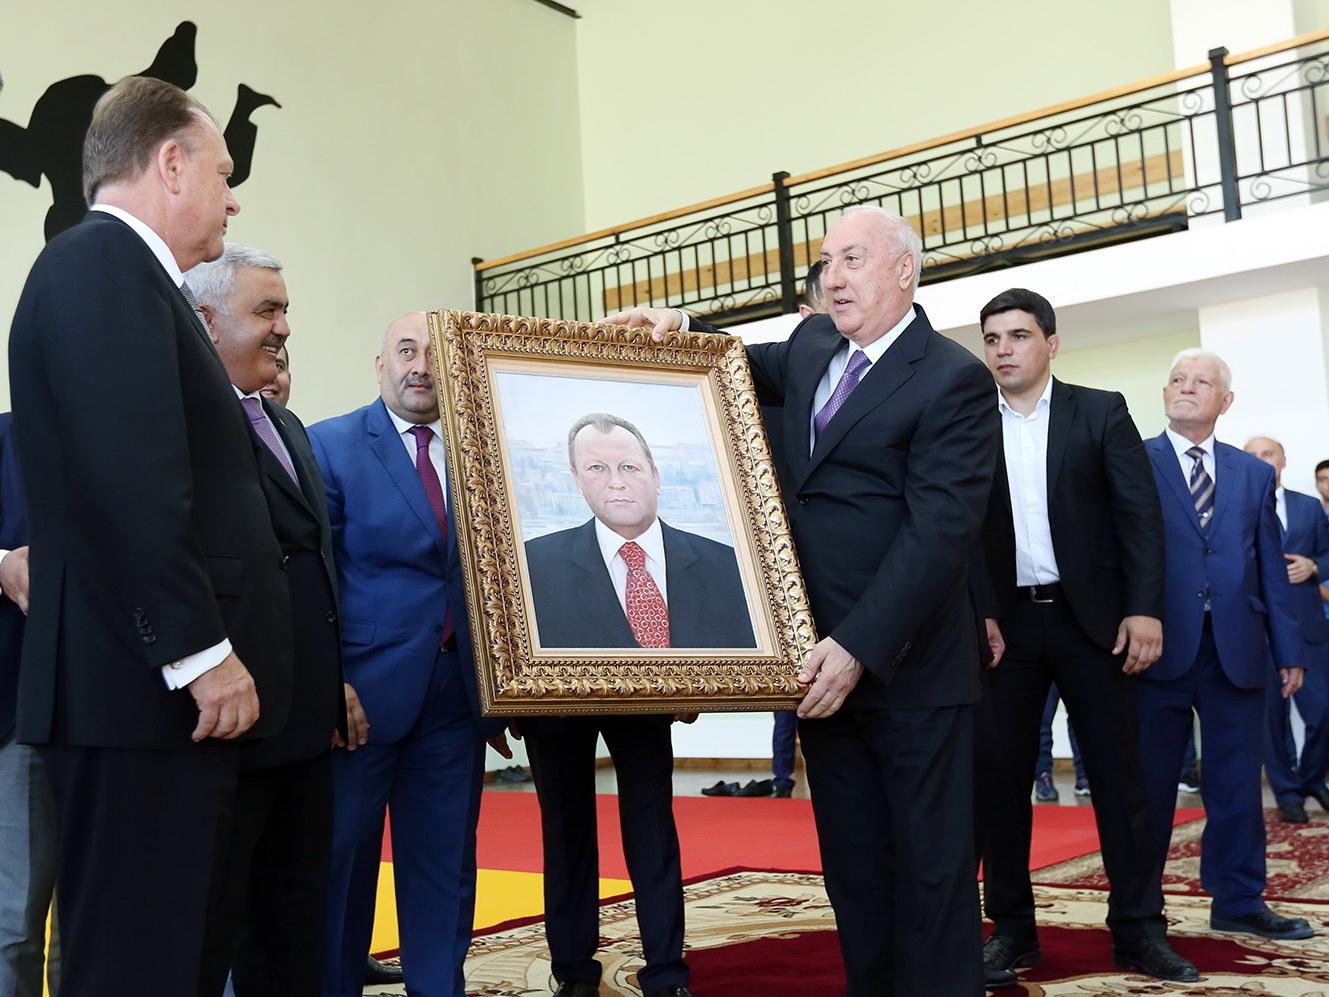 В Сумгайыте состоялось открытие учебно-тренировочной базы Федерации дзюдо Азербайджана